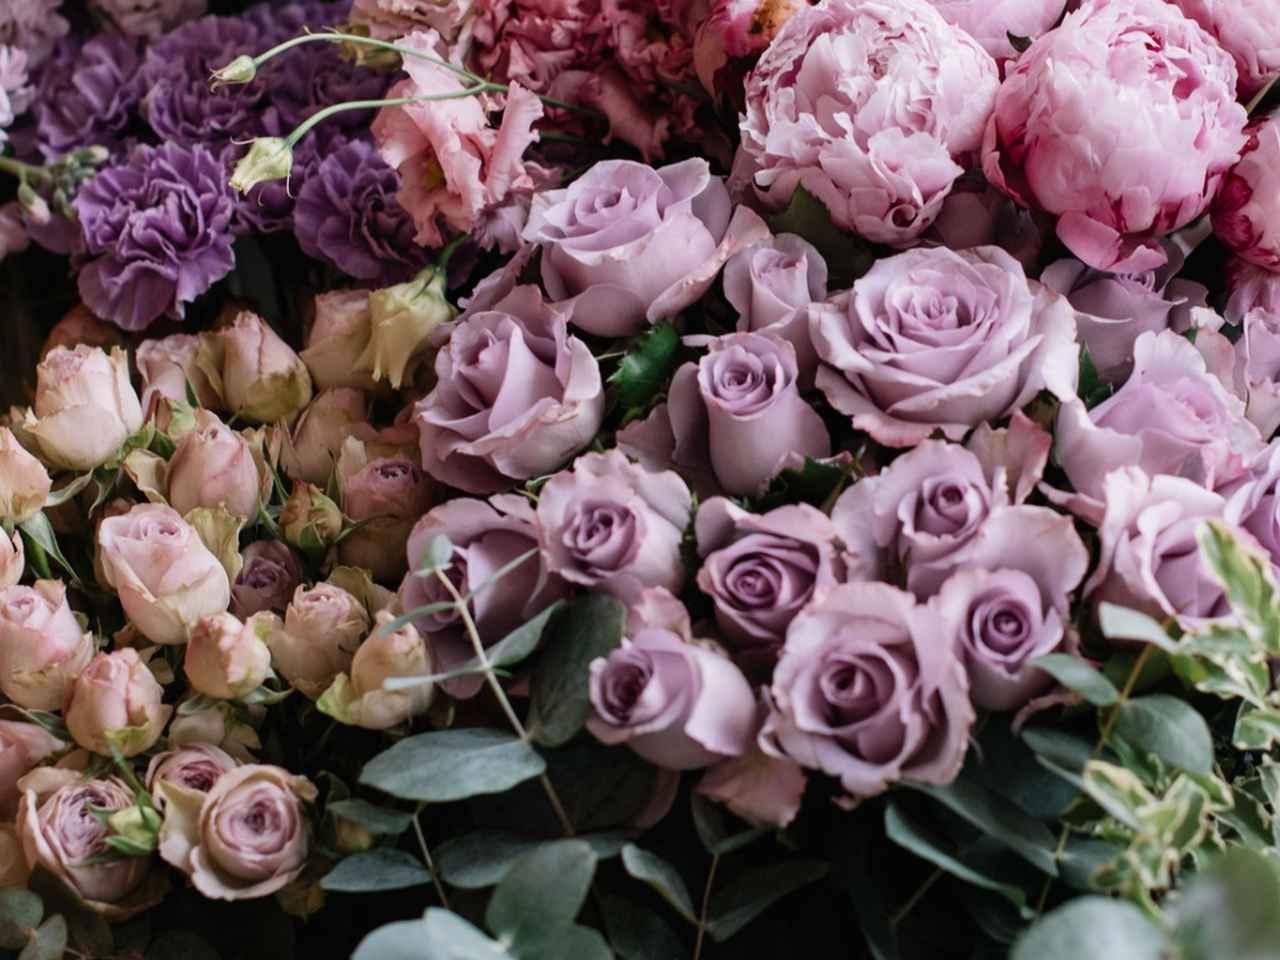 画像: 古希(古稀)とは?意味や由来、祝い方、プレゼントにおすすめの花を知ろう